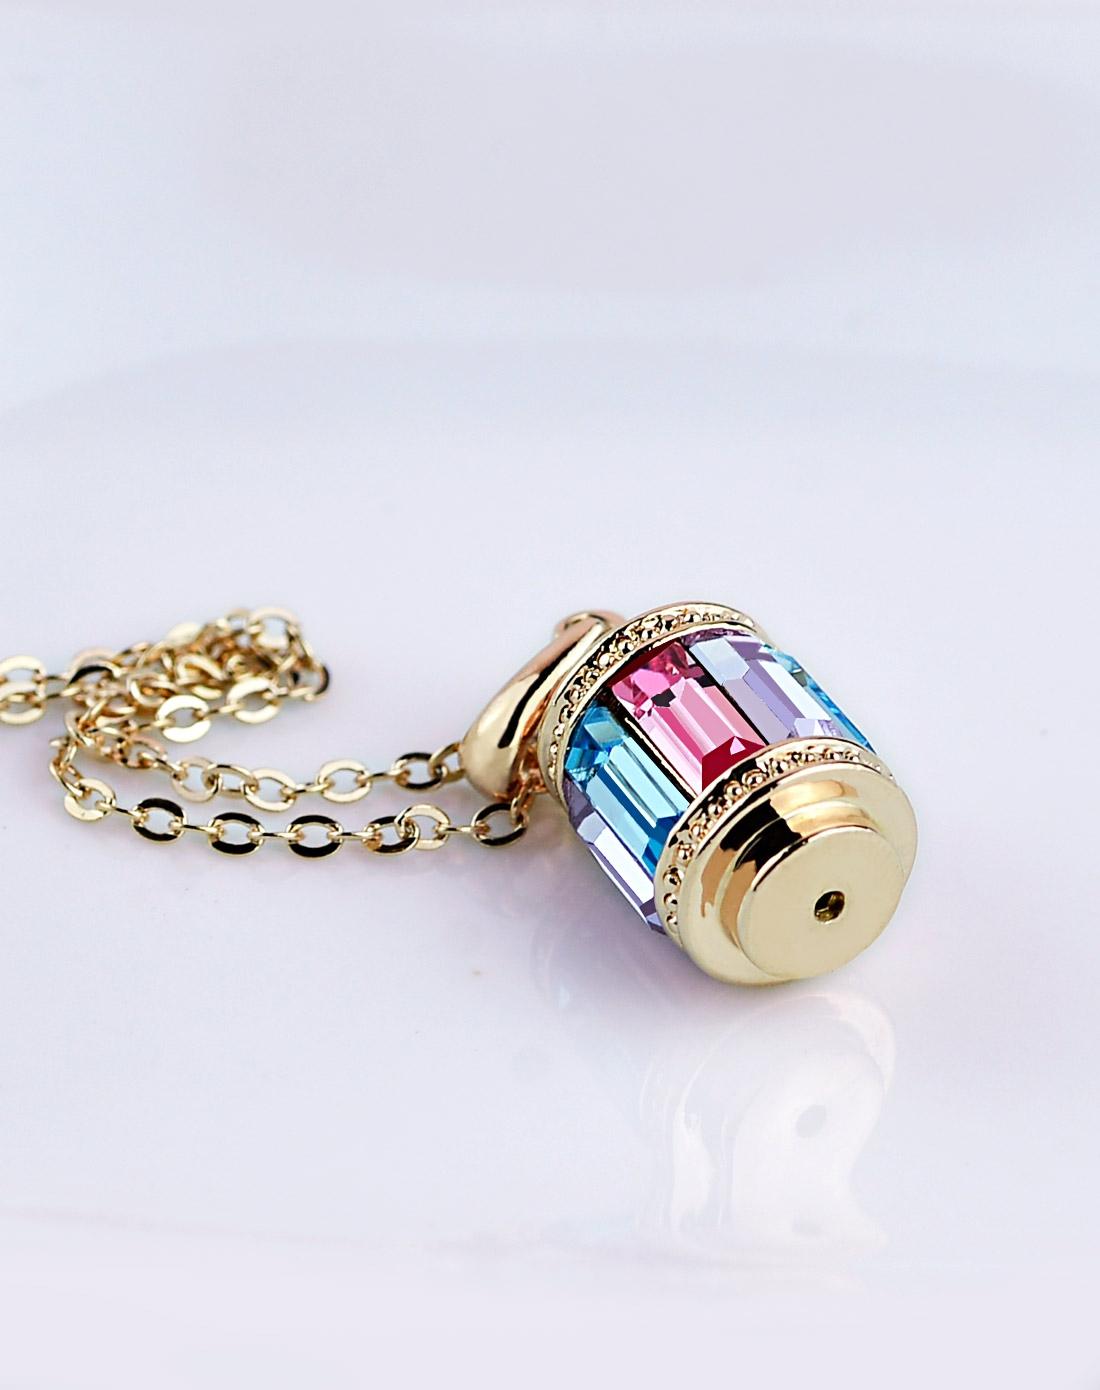 蛟蓓玲珑塔水晶项链-彩色j13021908彩色